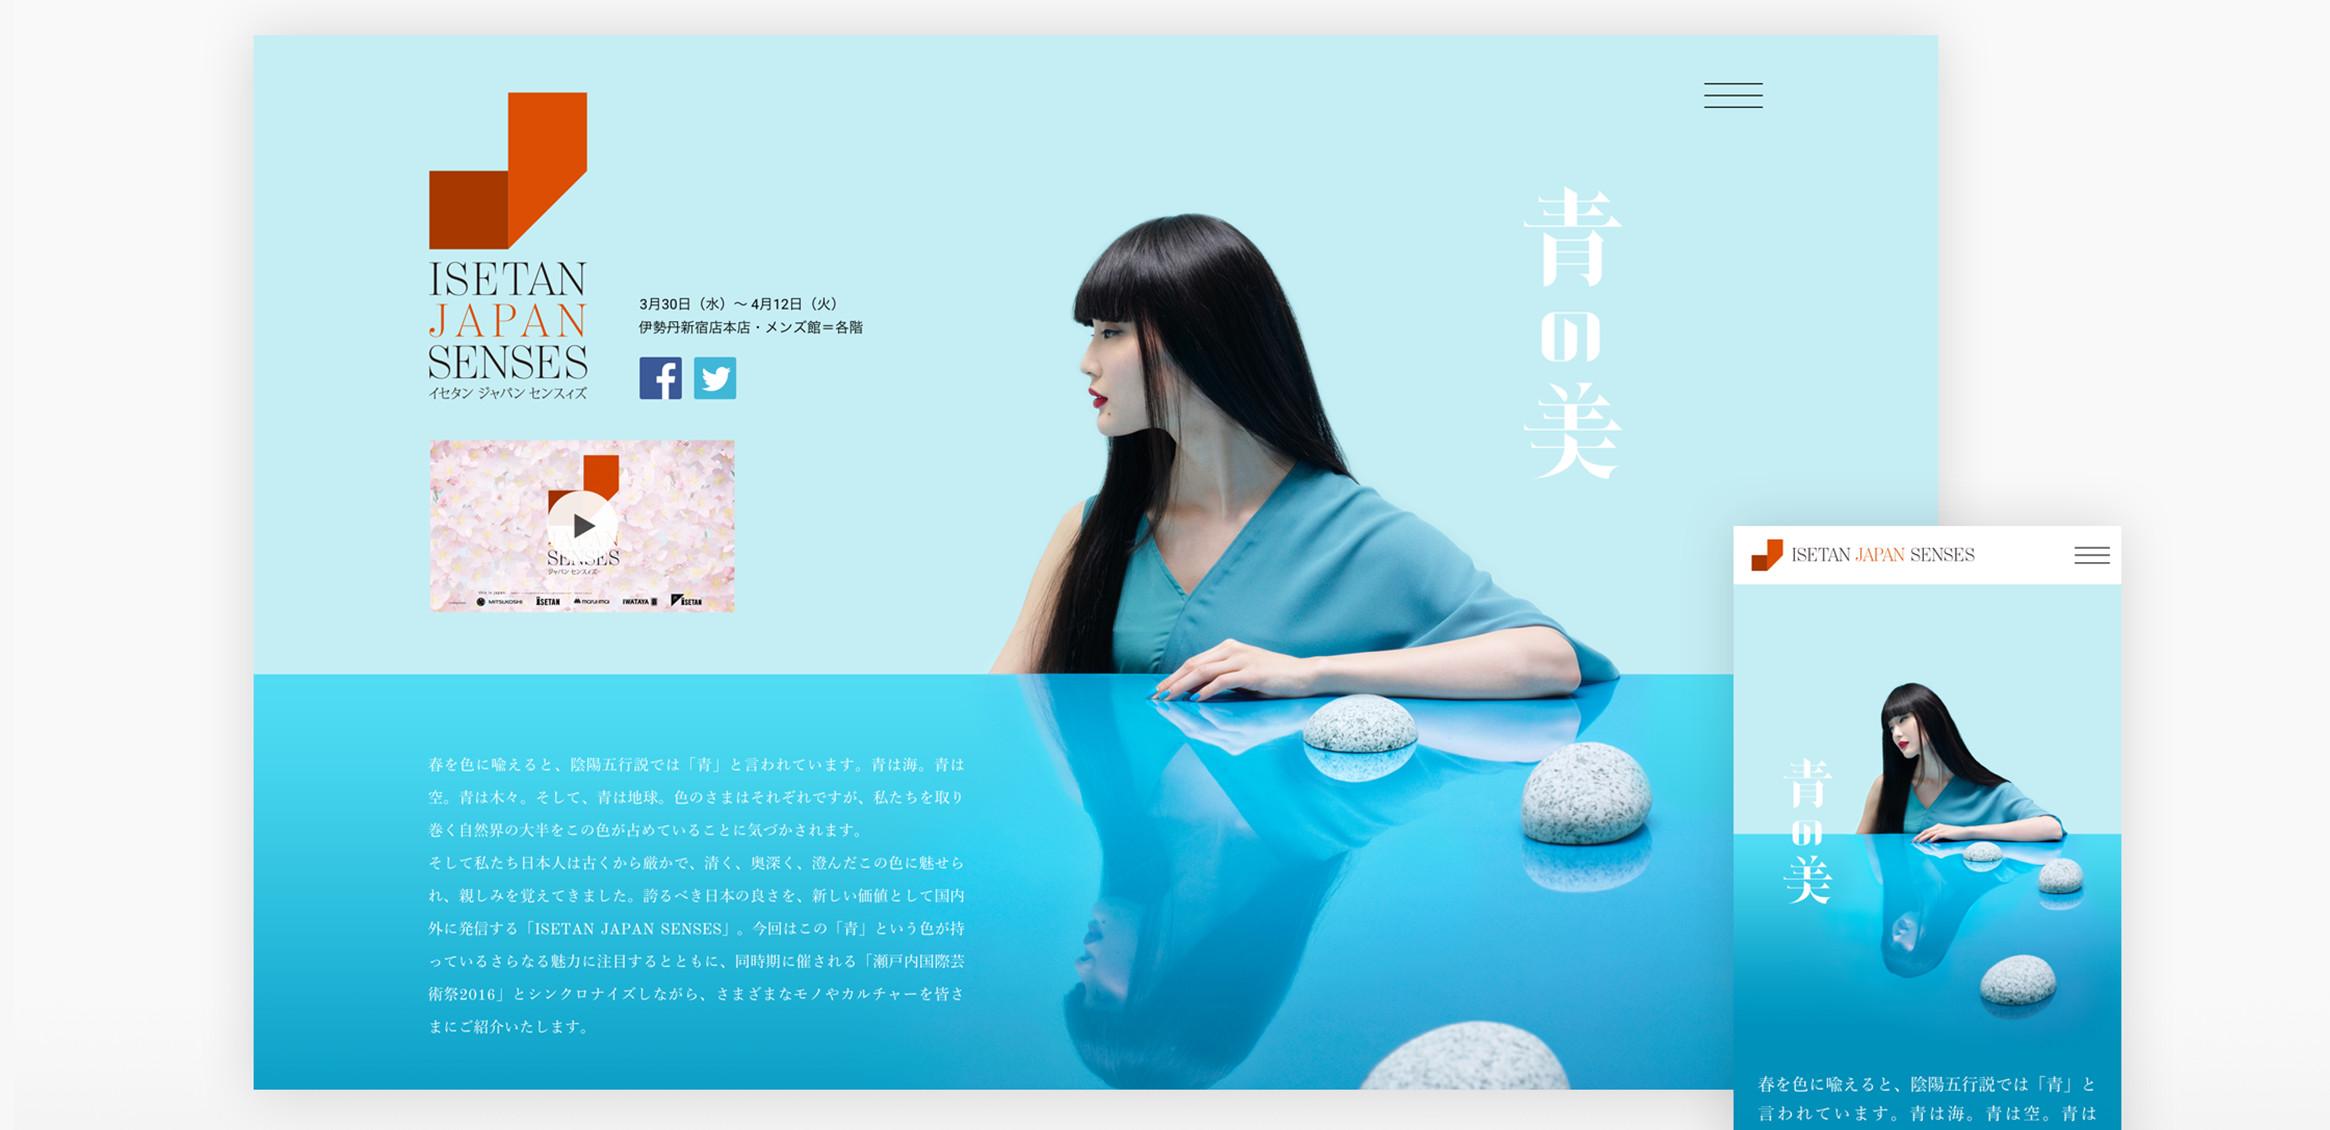 ISETAN JAPAN SENSES 2016 青の美1枚目